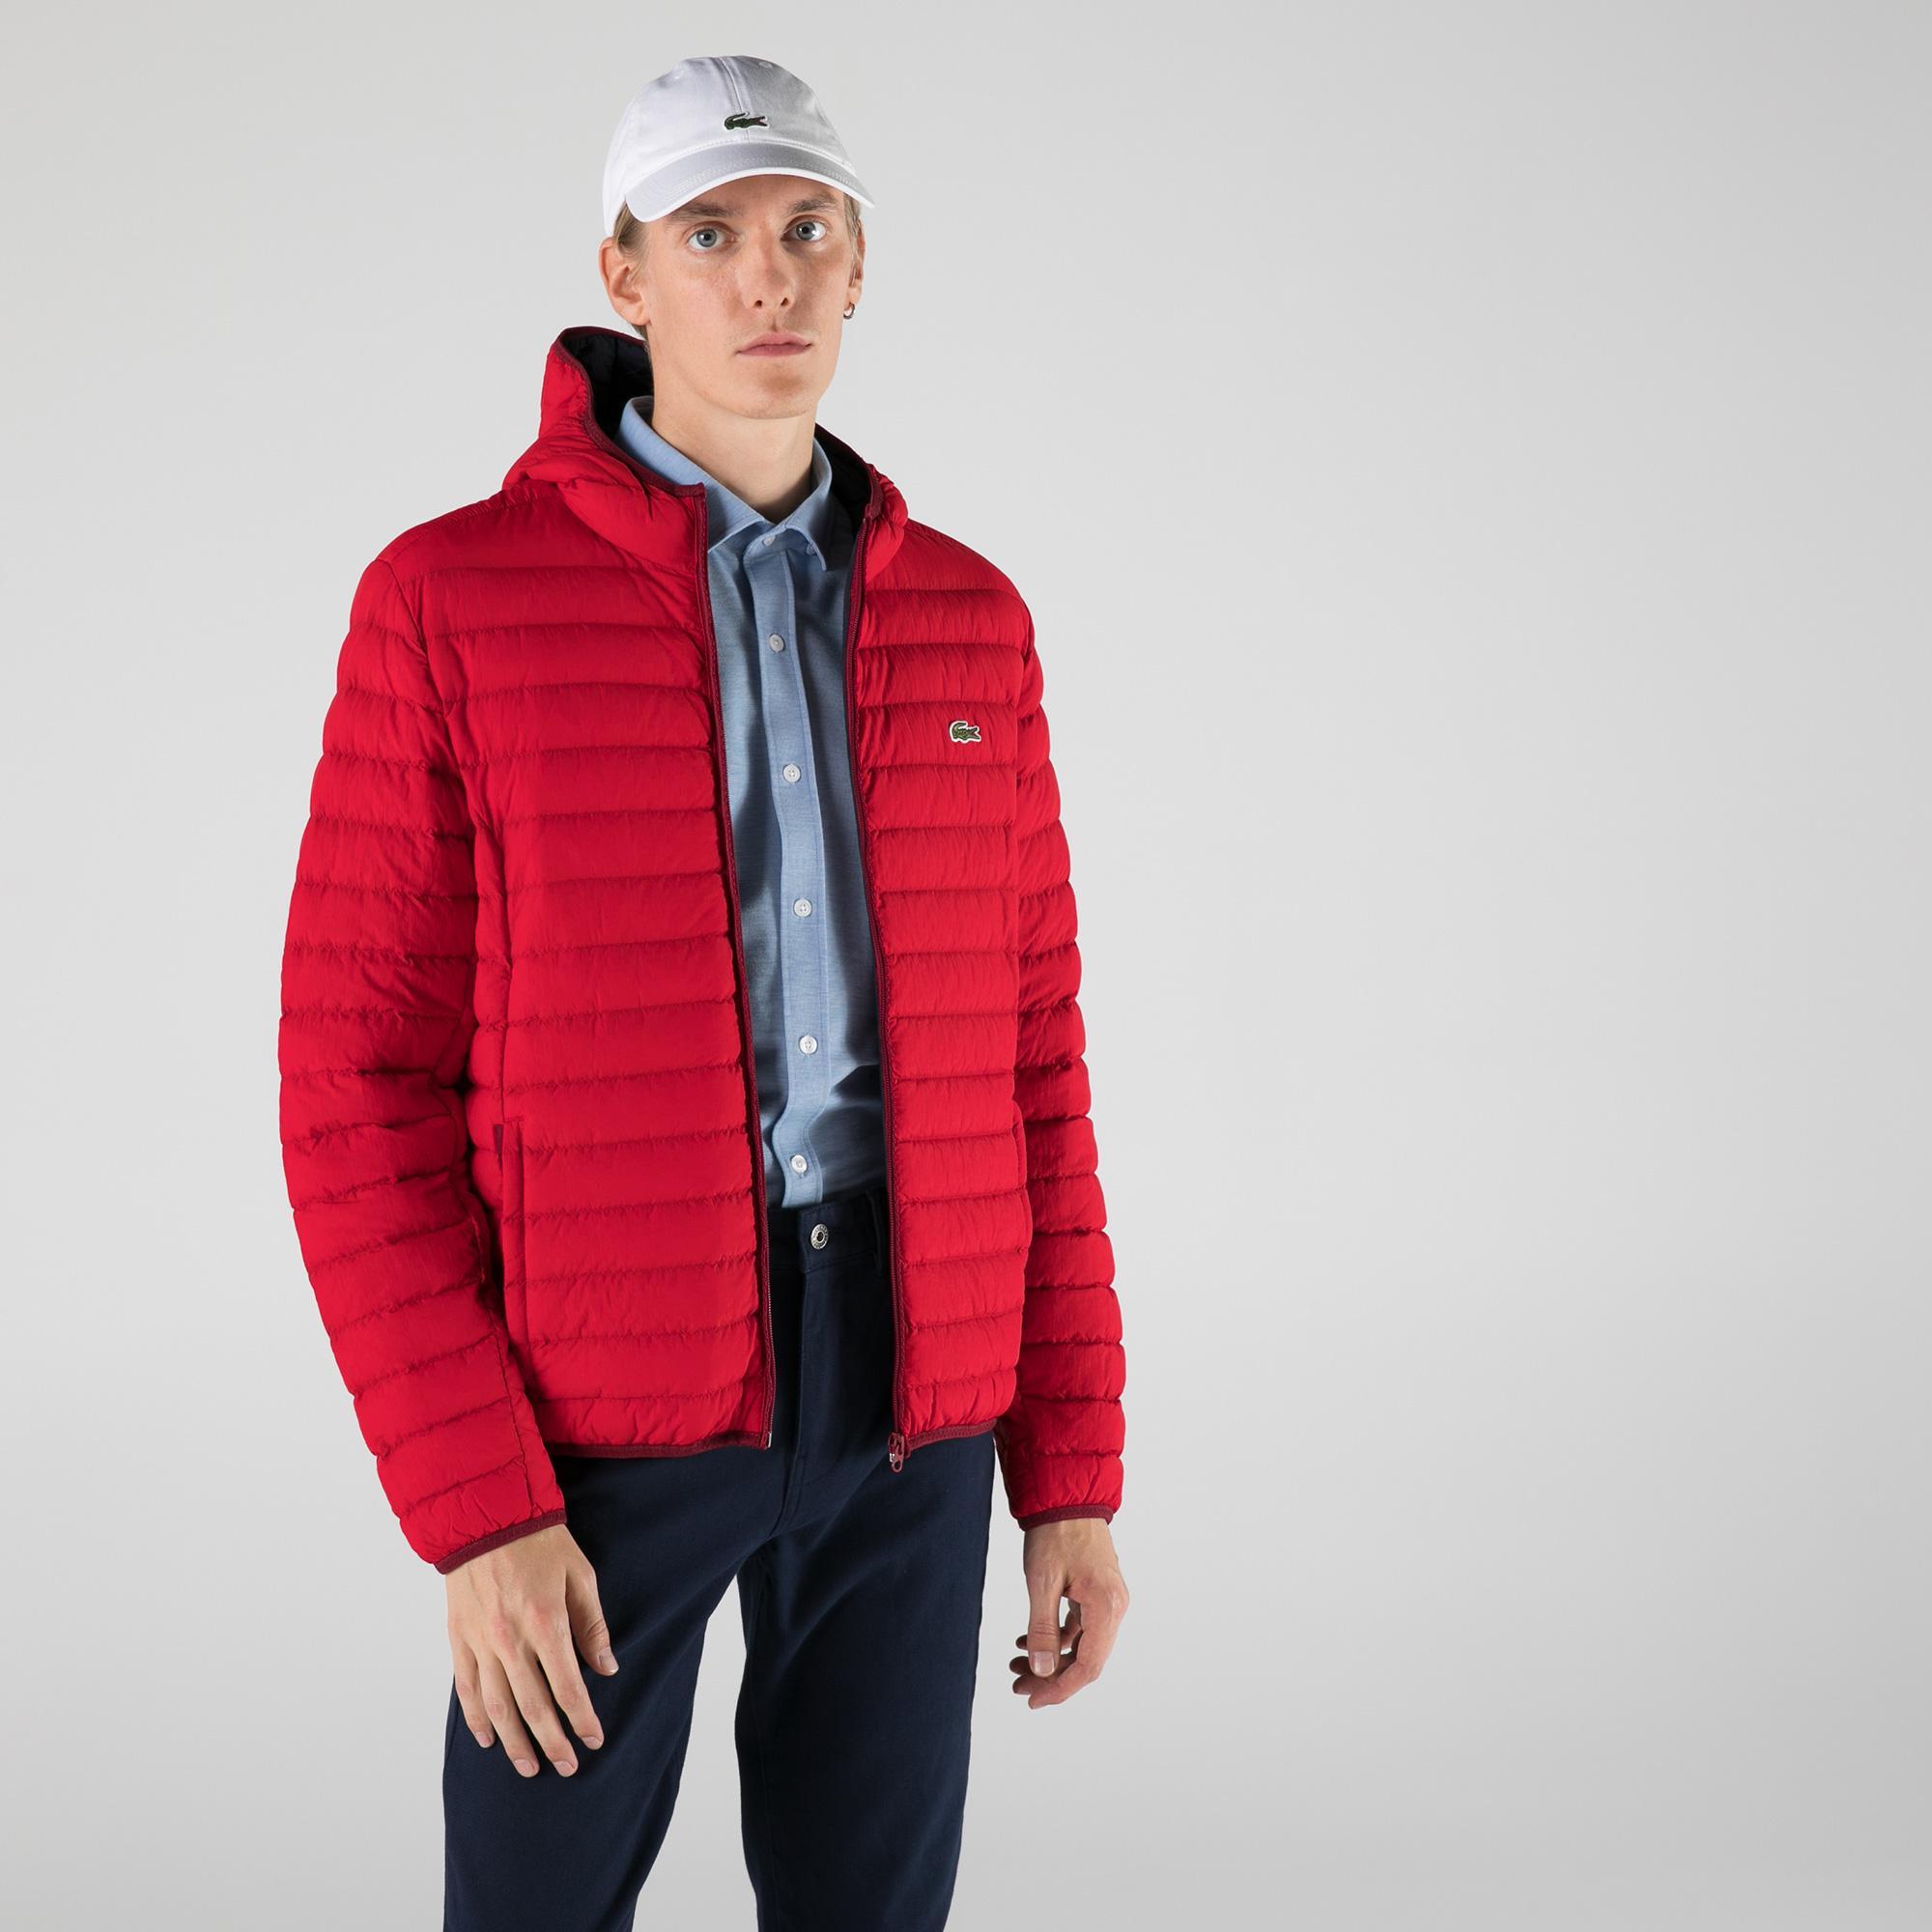 Lacoste Erkek Kapüşonlu Kırmızı Mont